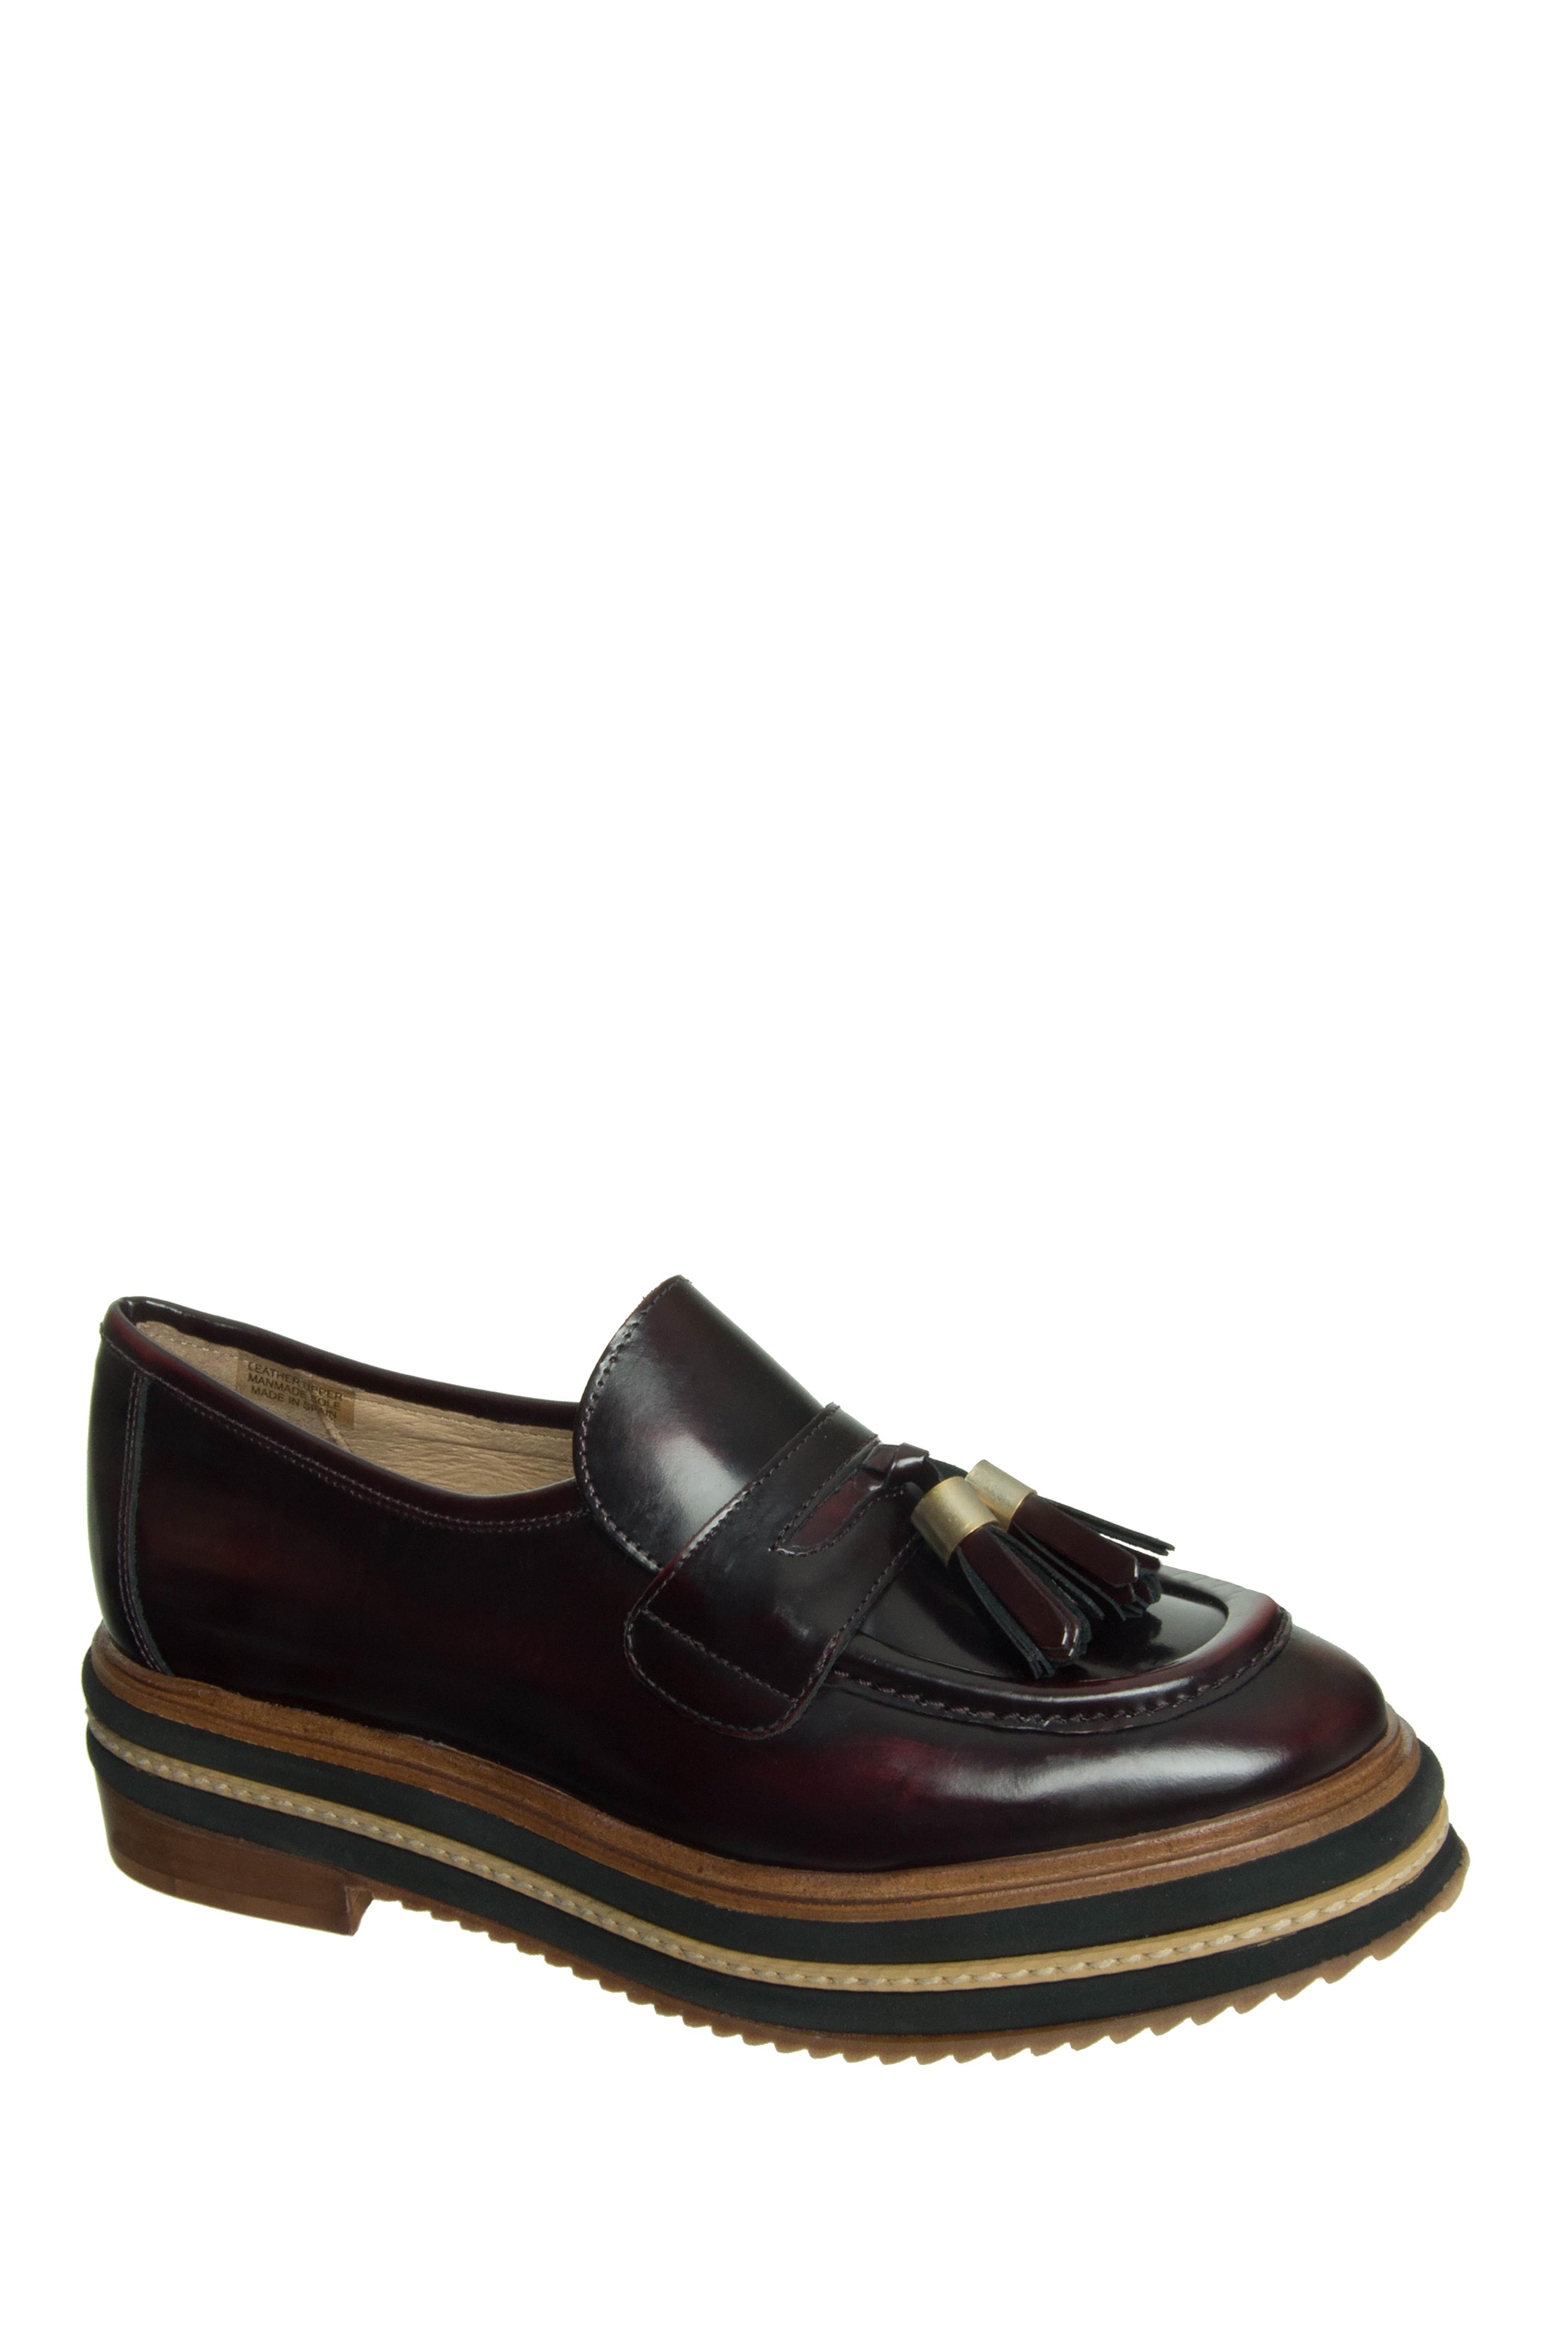 Shellys London Karena Platform Loafers - Burgundy